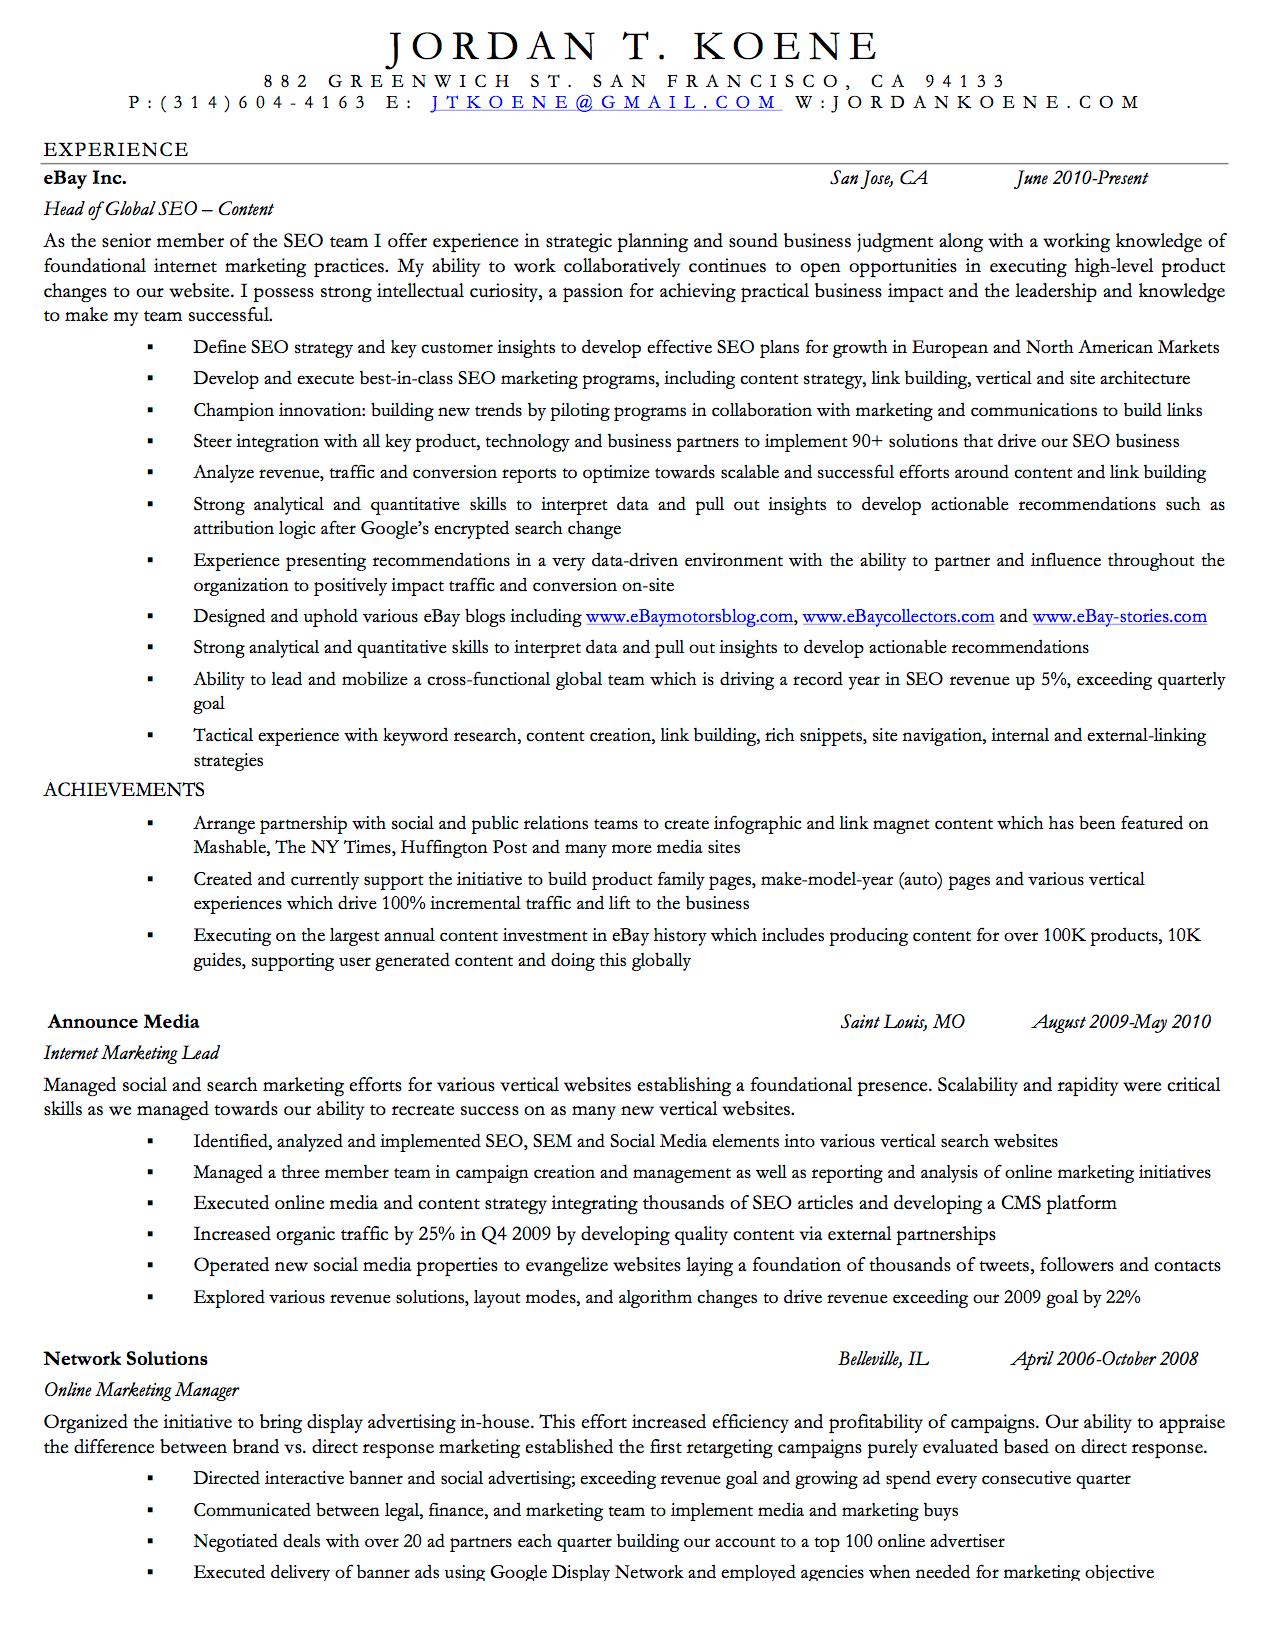 Quick Academic Help